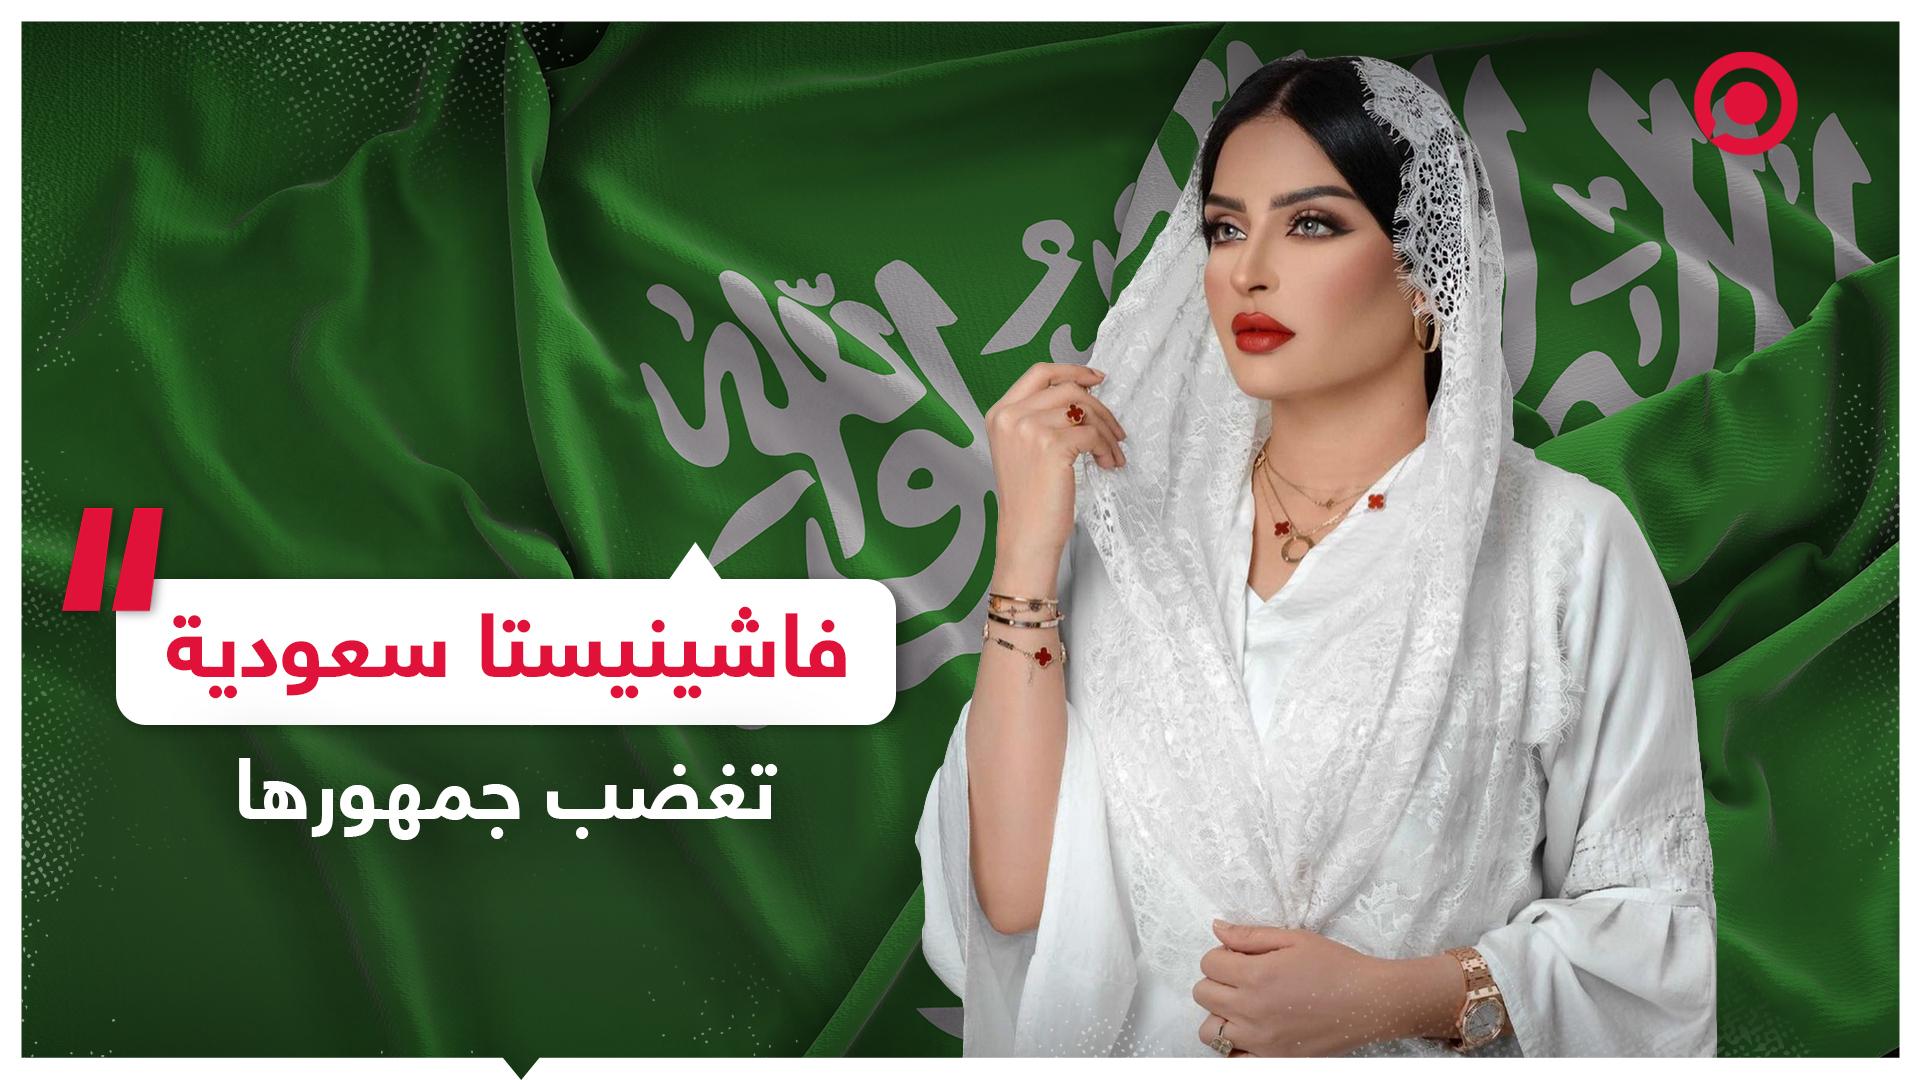 فاشينيستا سعودية تثير الجدل  بسكبها الحليب على حذاء في مقطع فيديو